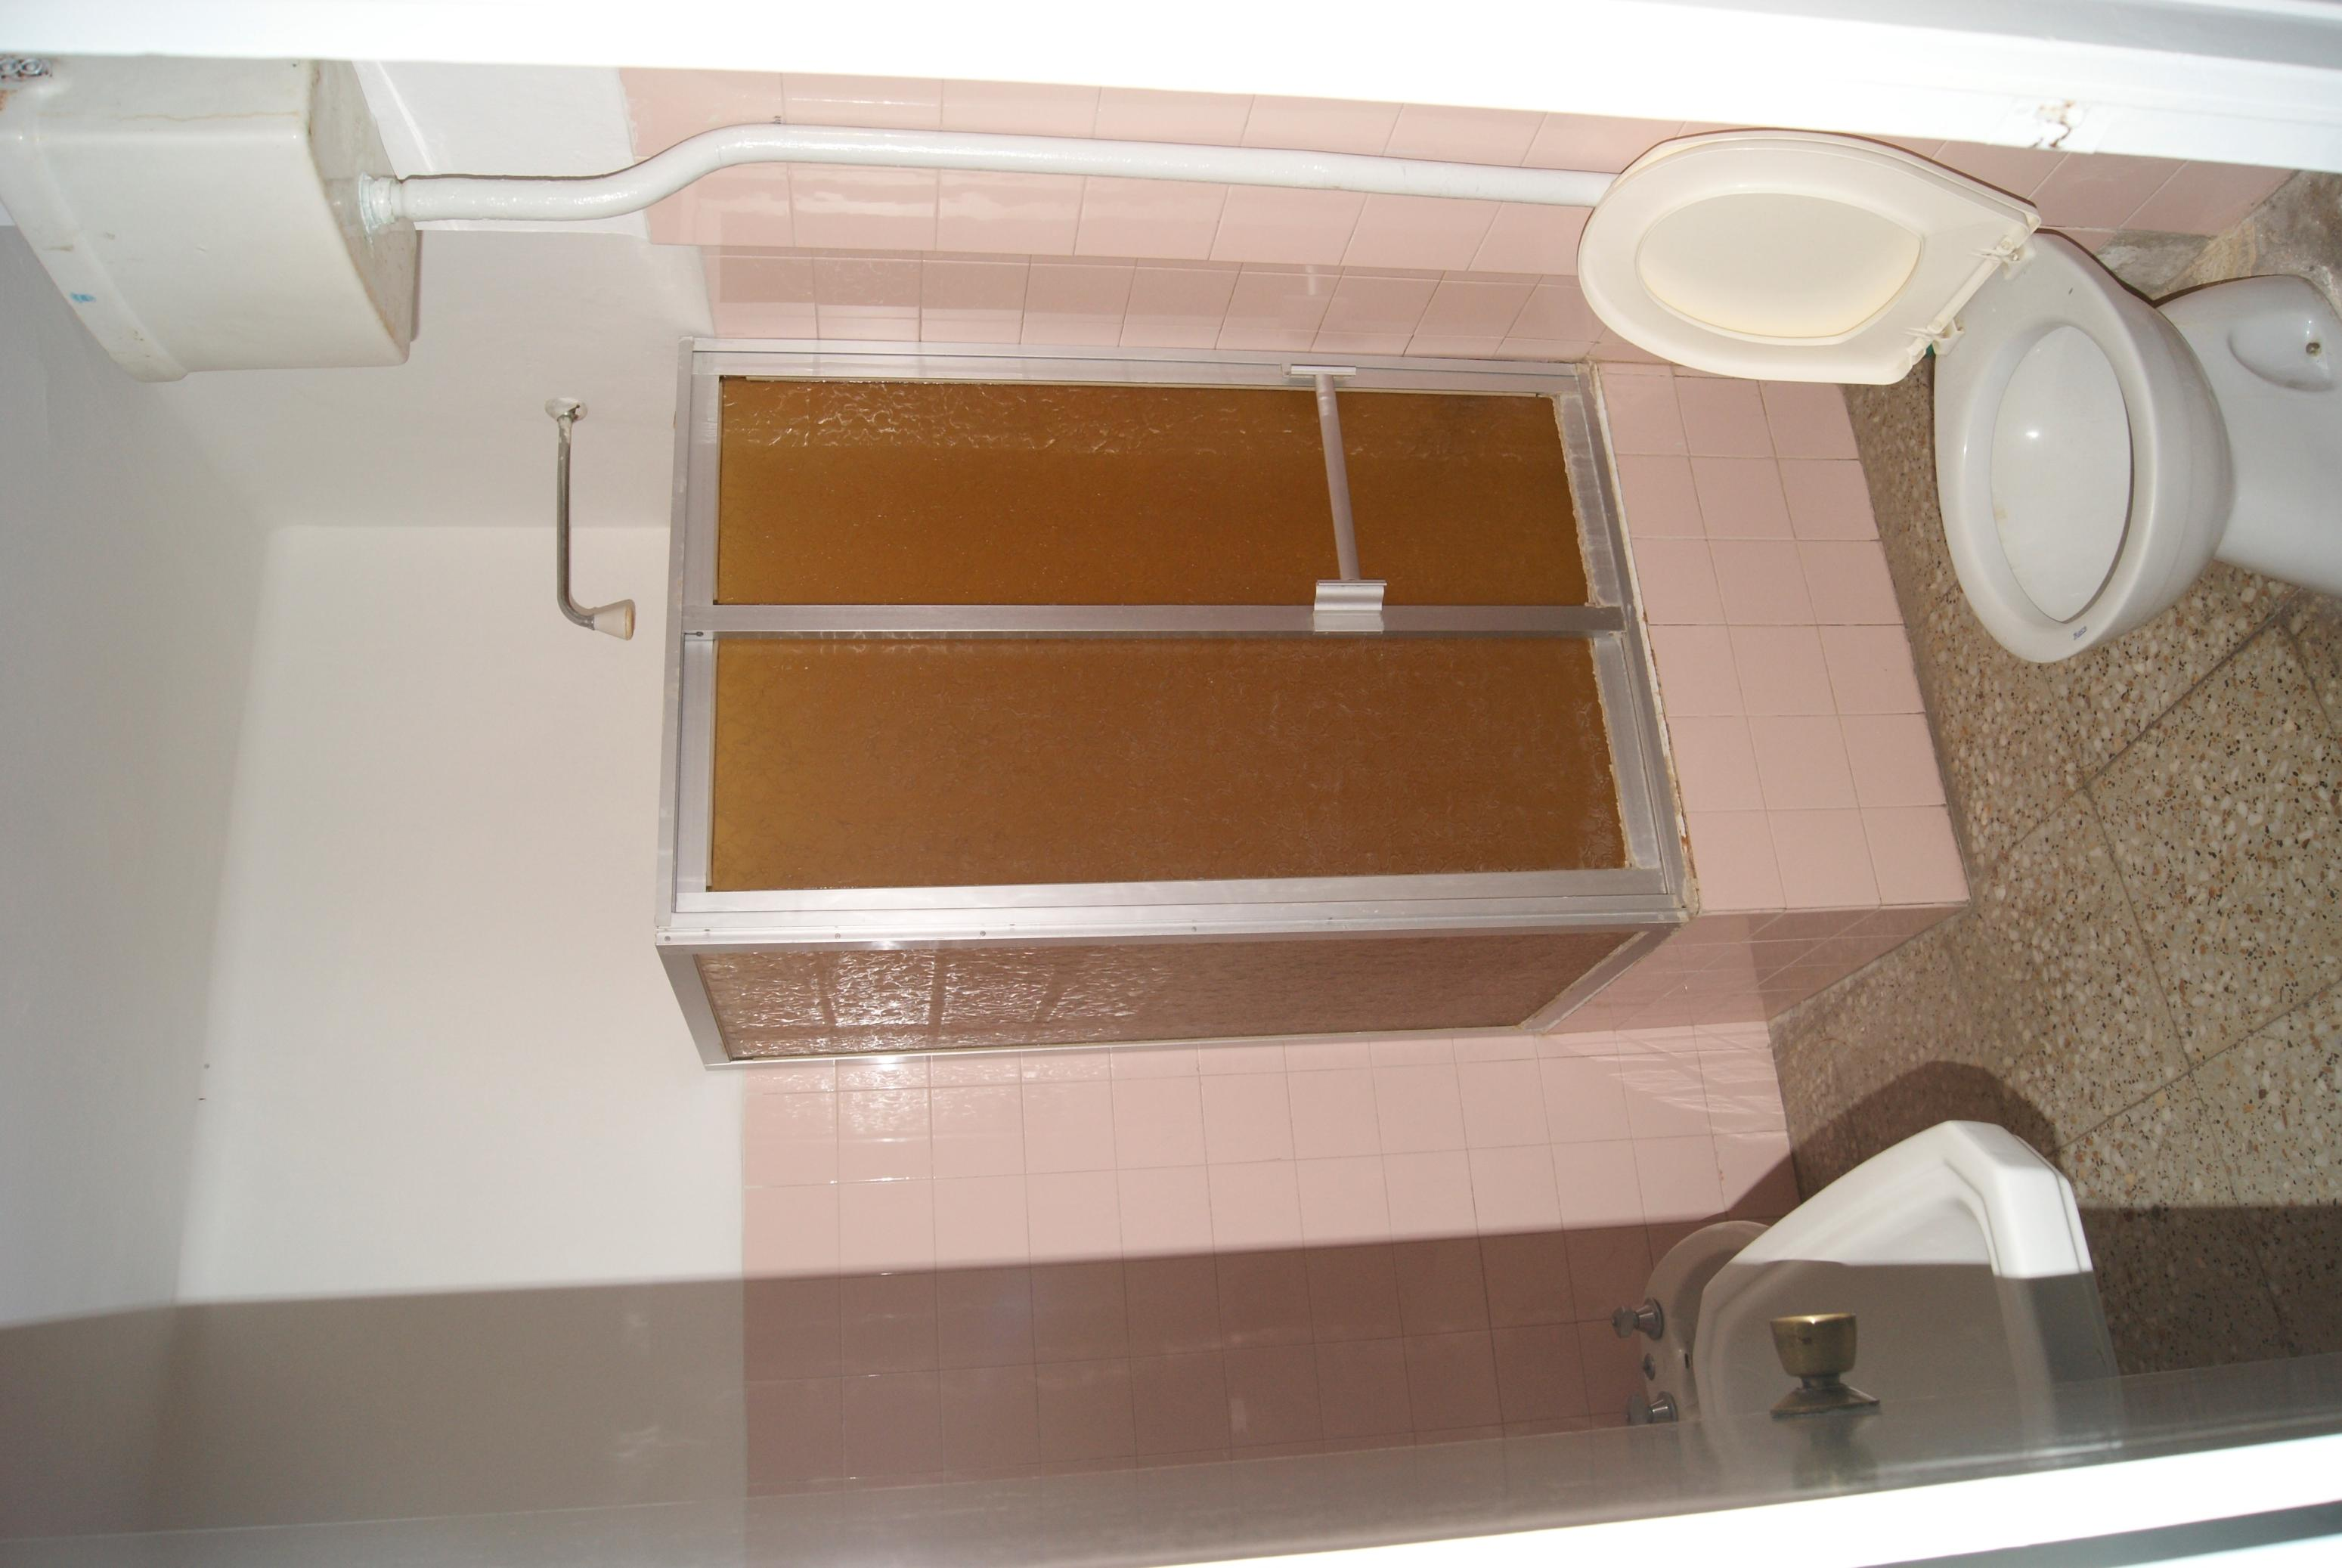 plaza major 5 flix, 28 Bedrooms Bedrooms, 1 Habitació Rooms,6 BathroomsBathrooms,Casa de Poble,Urbana,plaza major 5 flix,1044